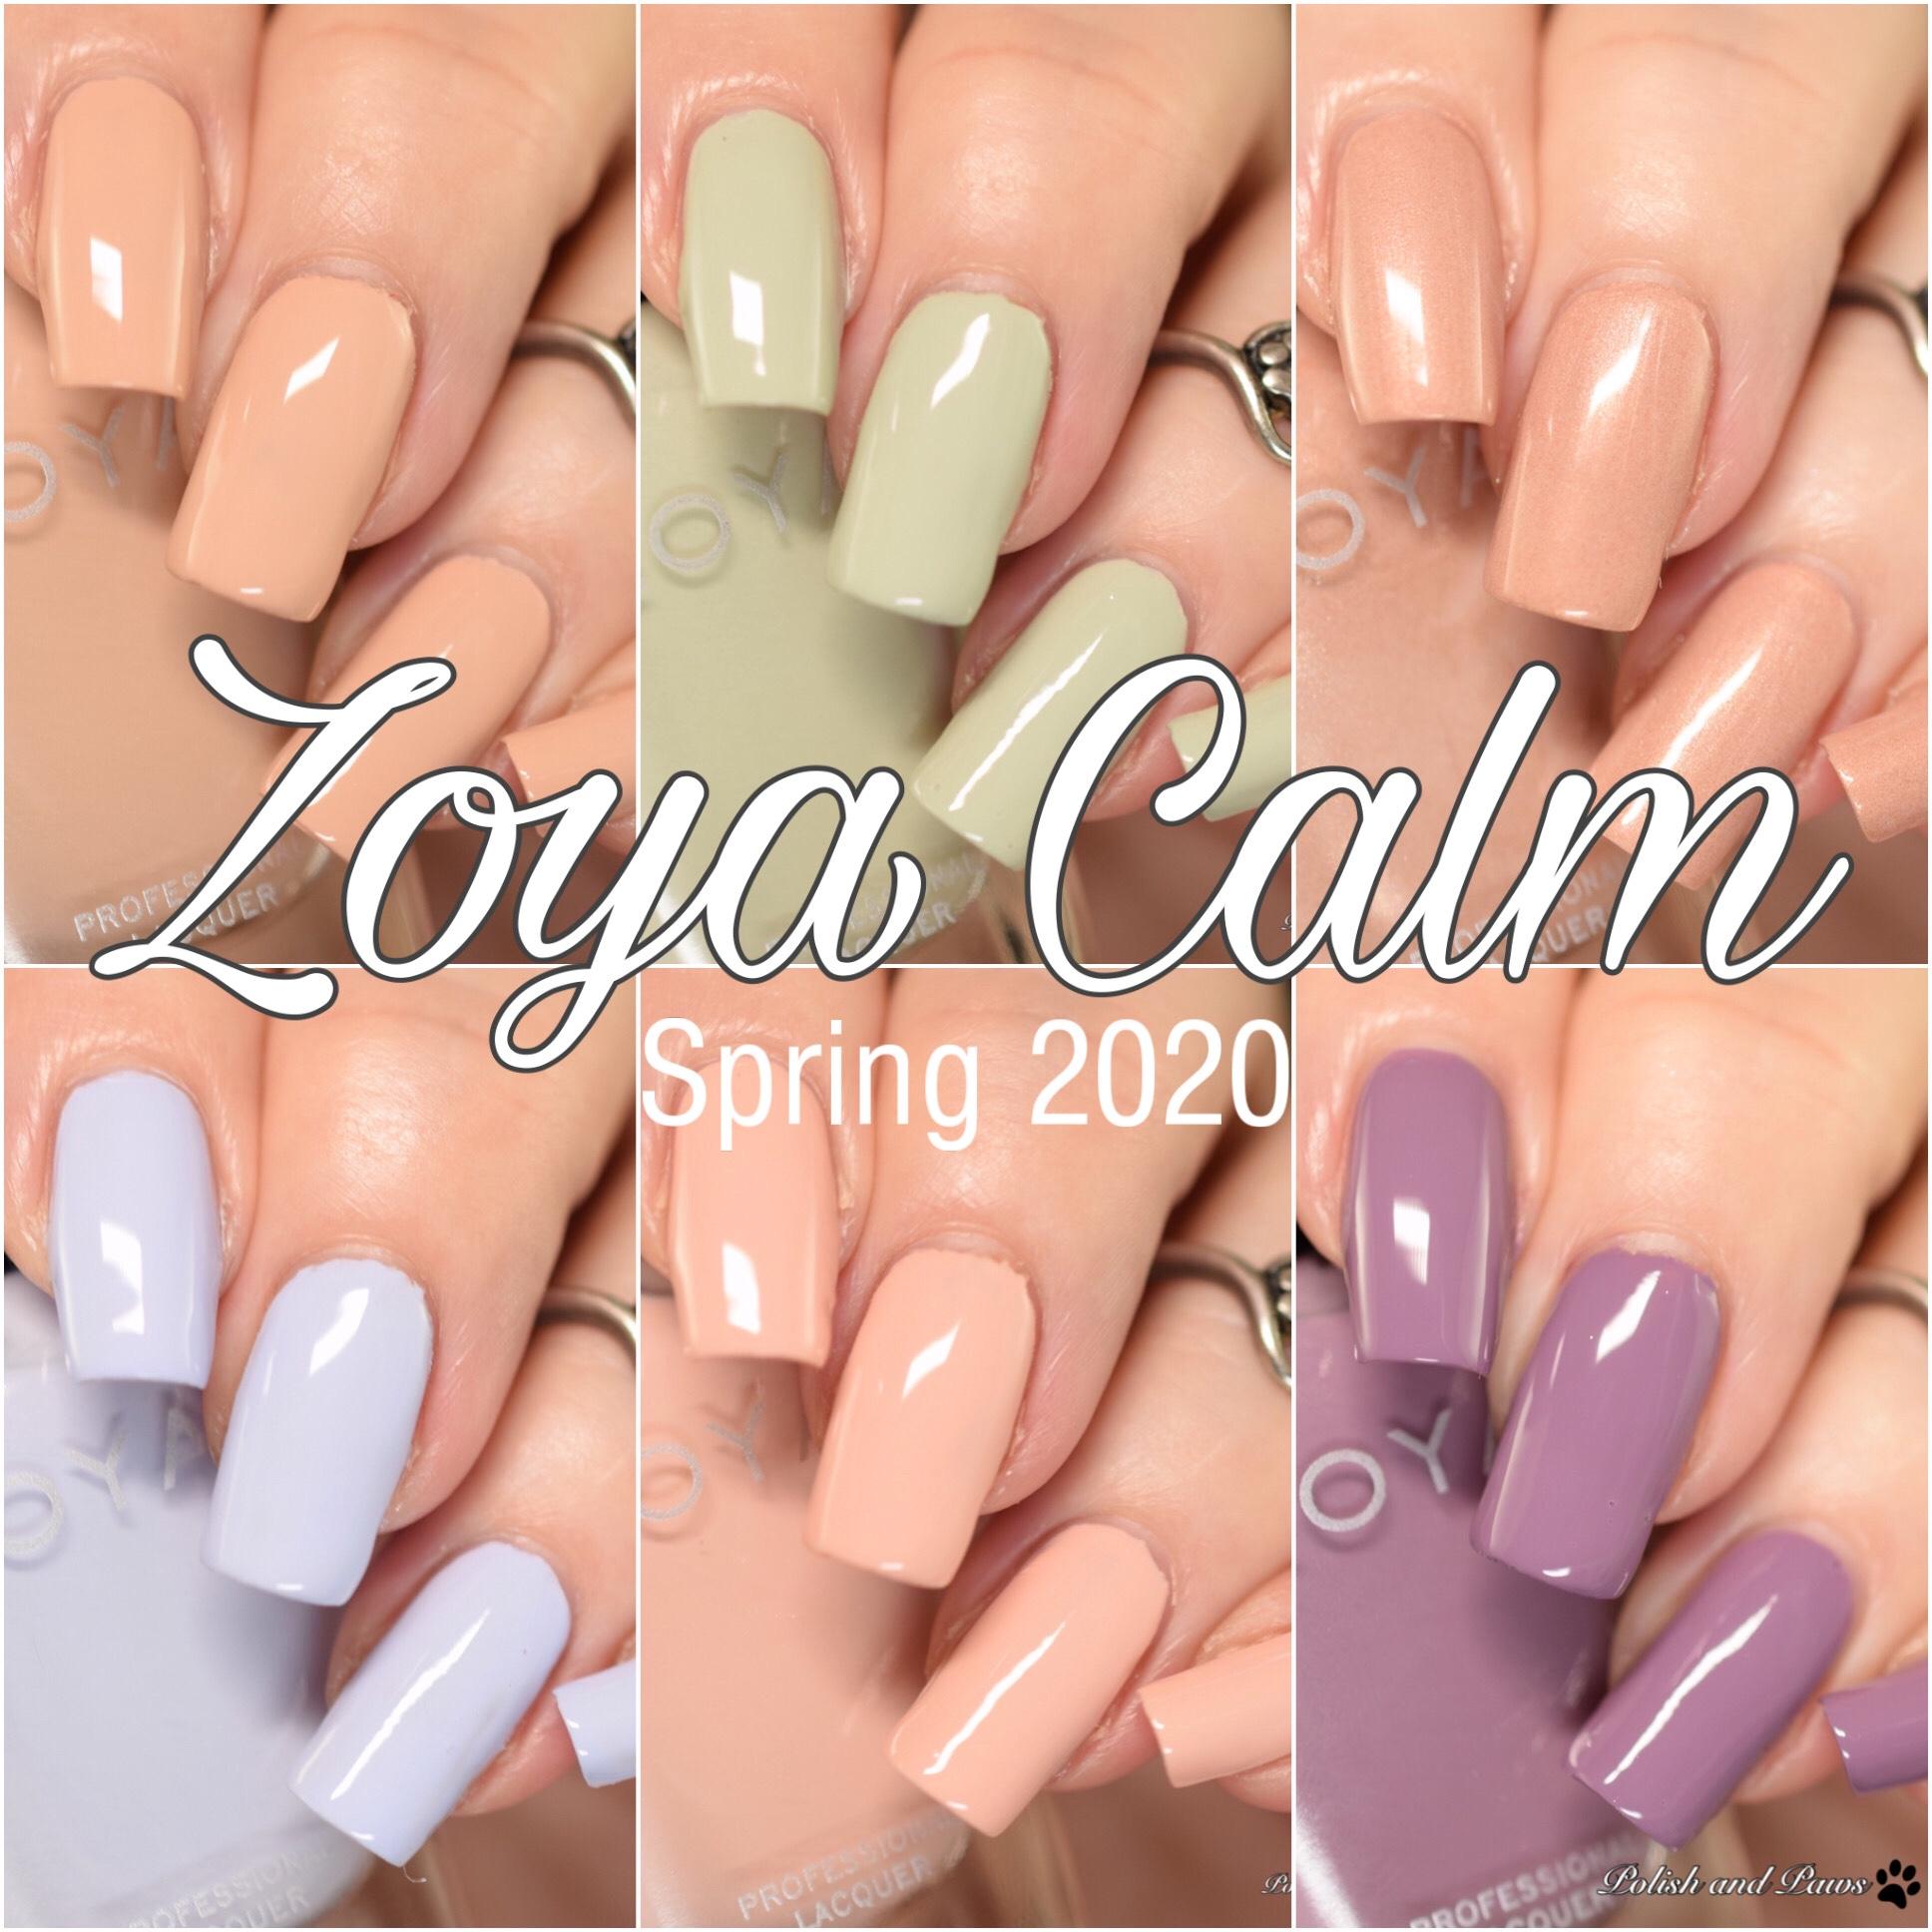 Zoya Calm Collection Spring 2020